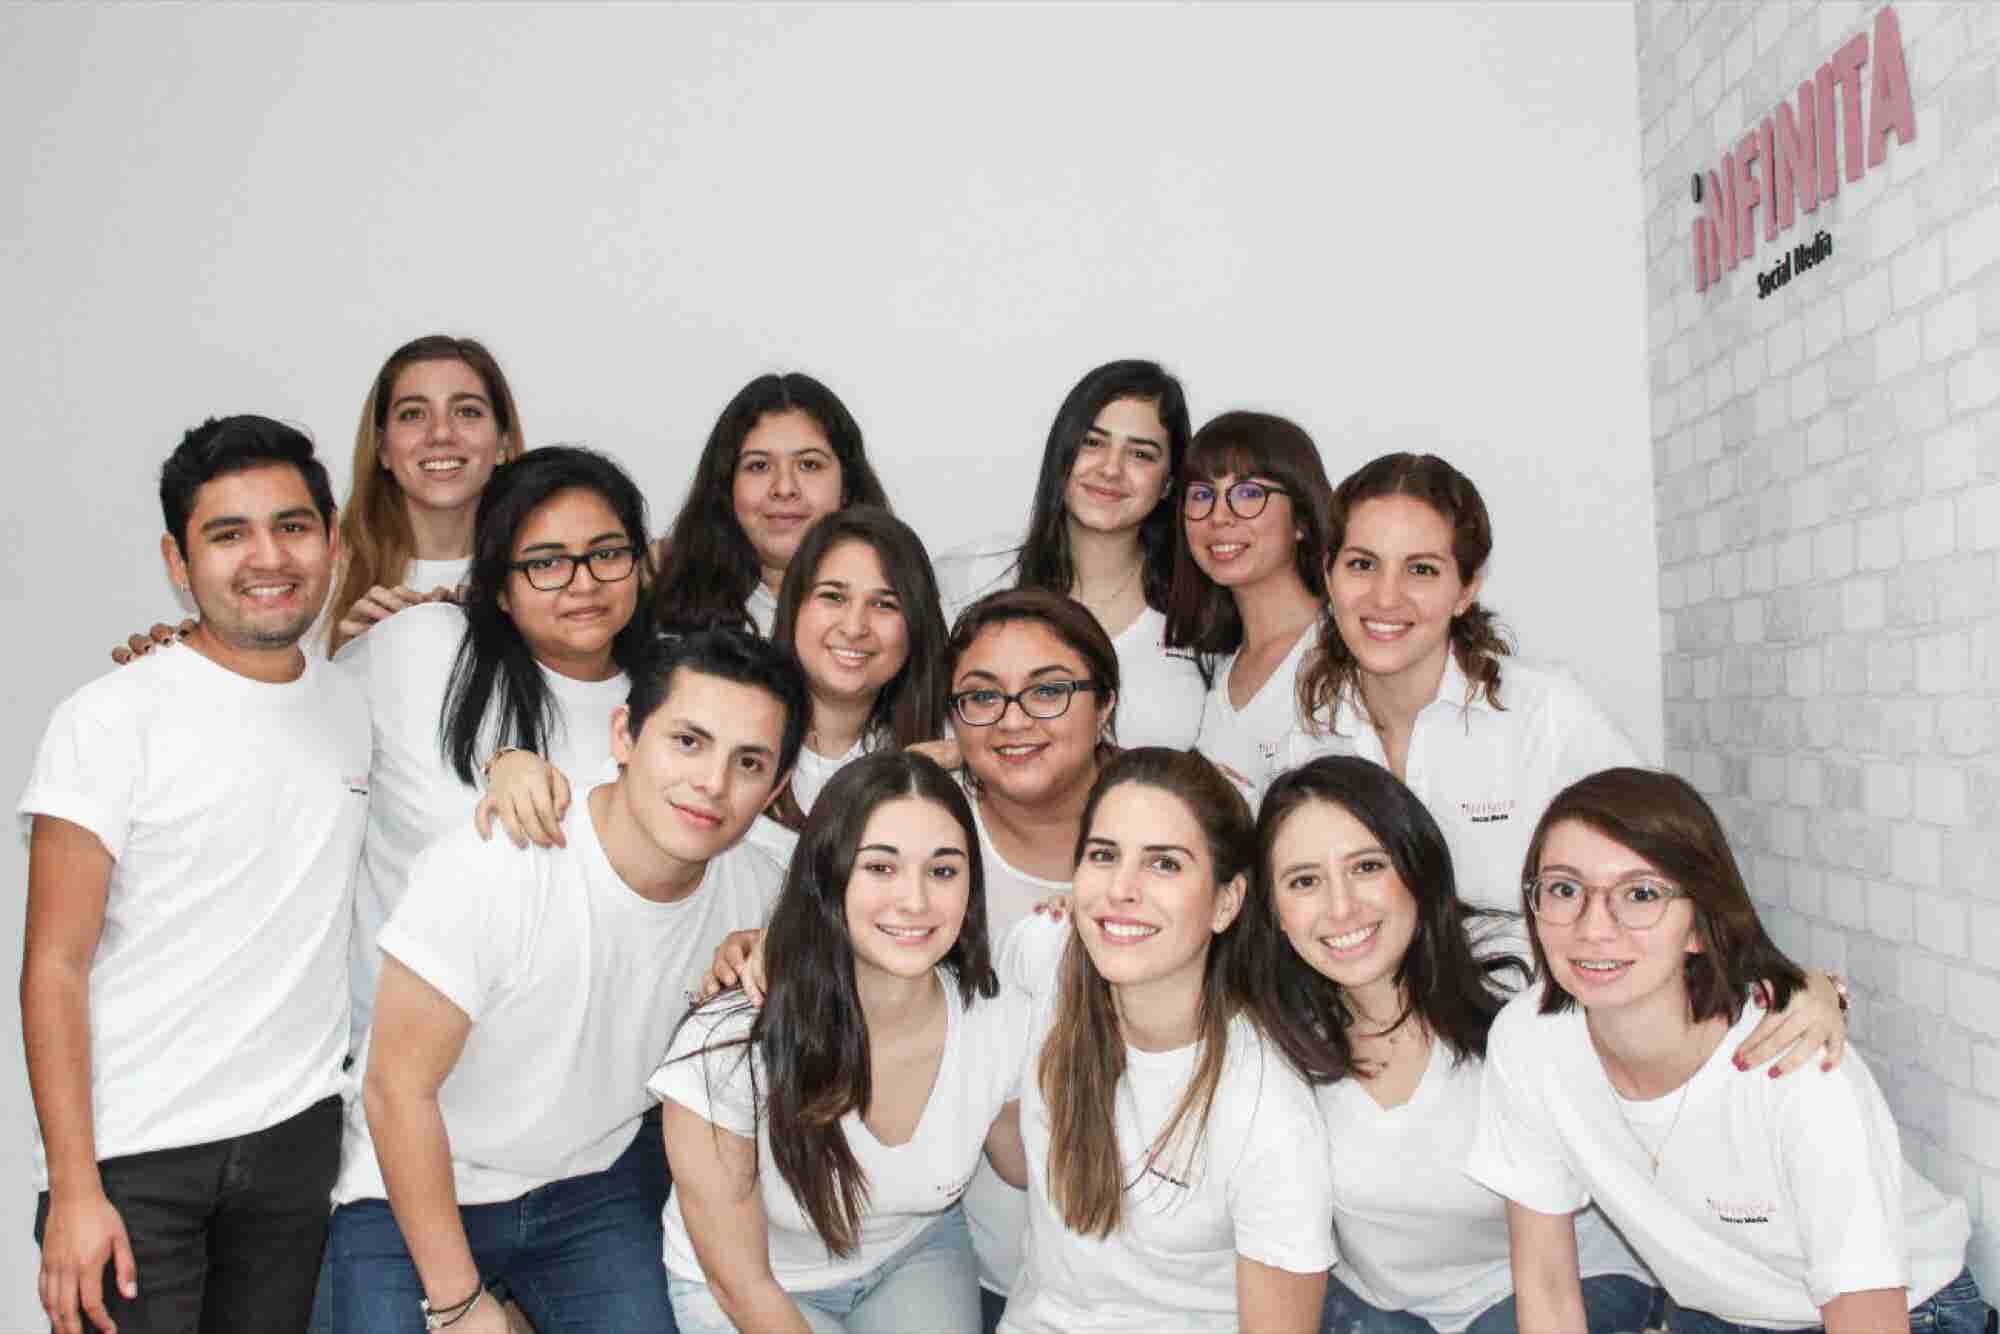 La yucateca que se convirtió en una emprendedora feliz gracias al marketing digital